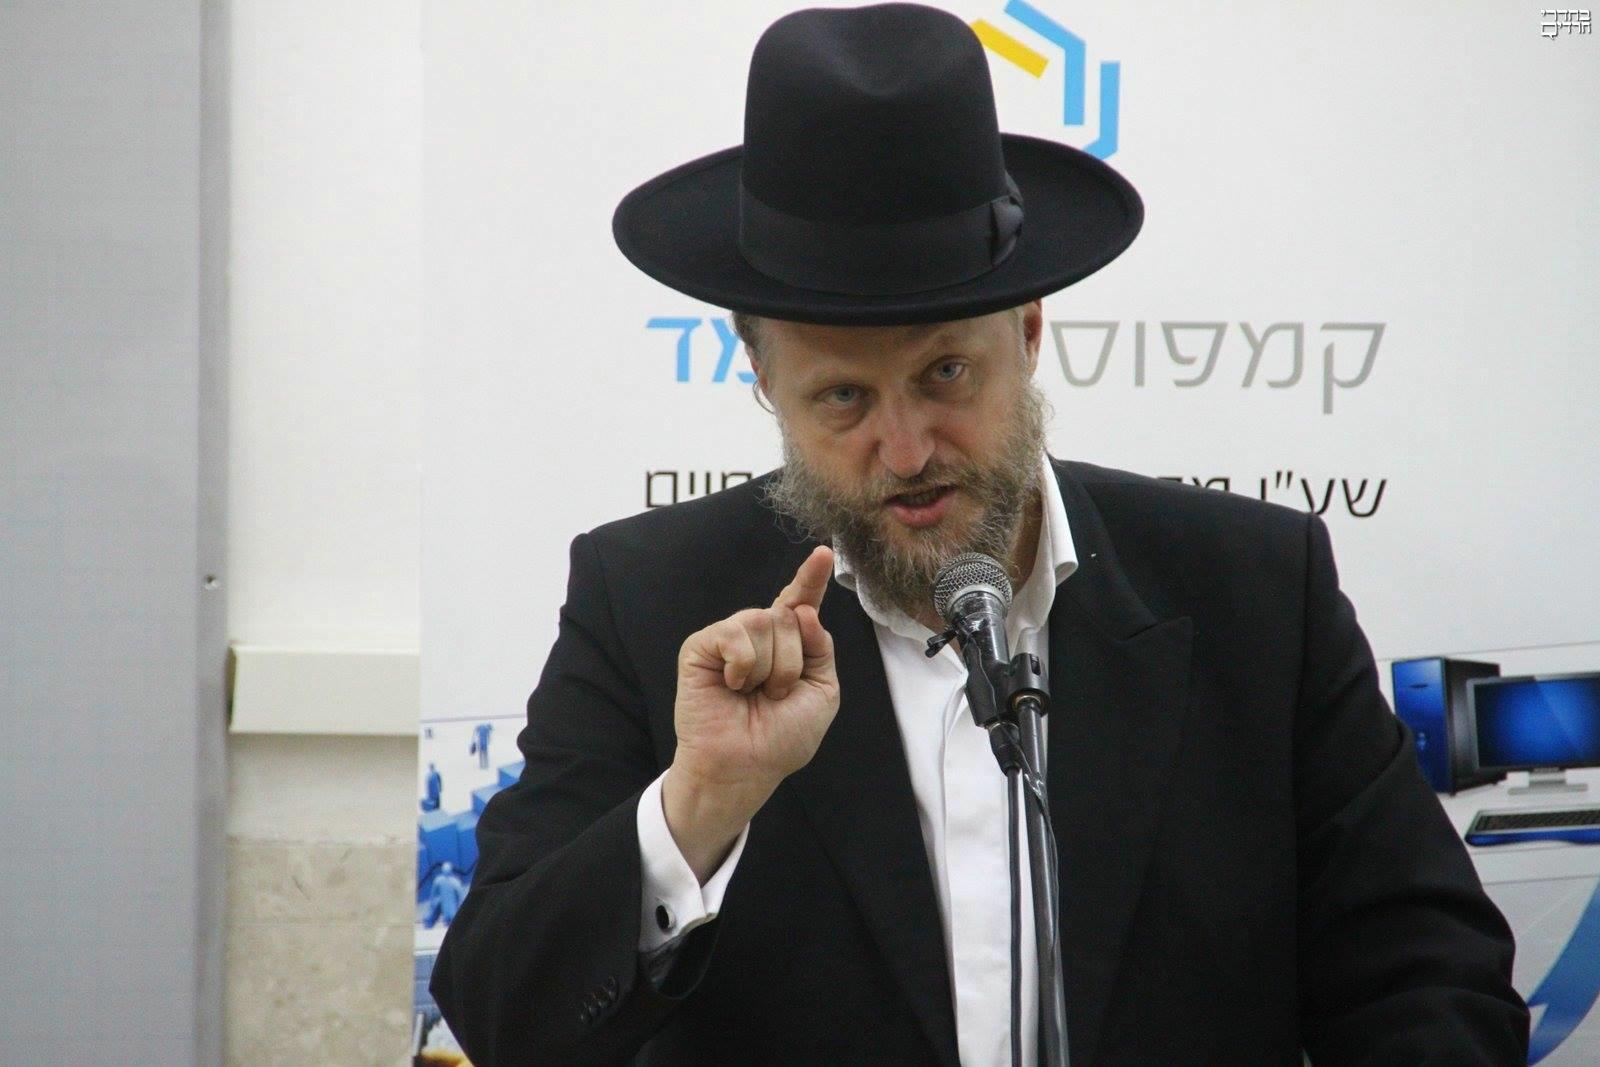 ישיבה יוניברסיטי בישראל: הכירו את